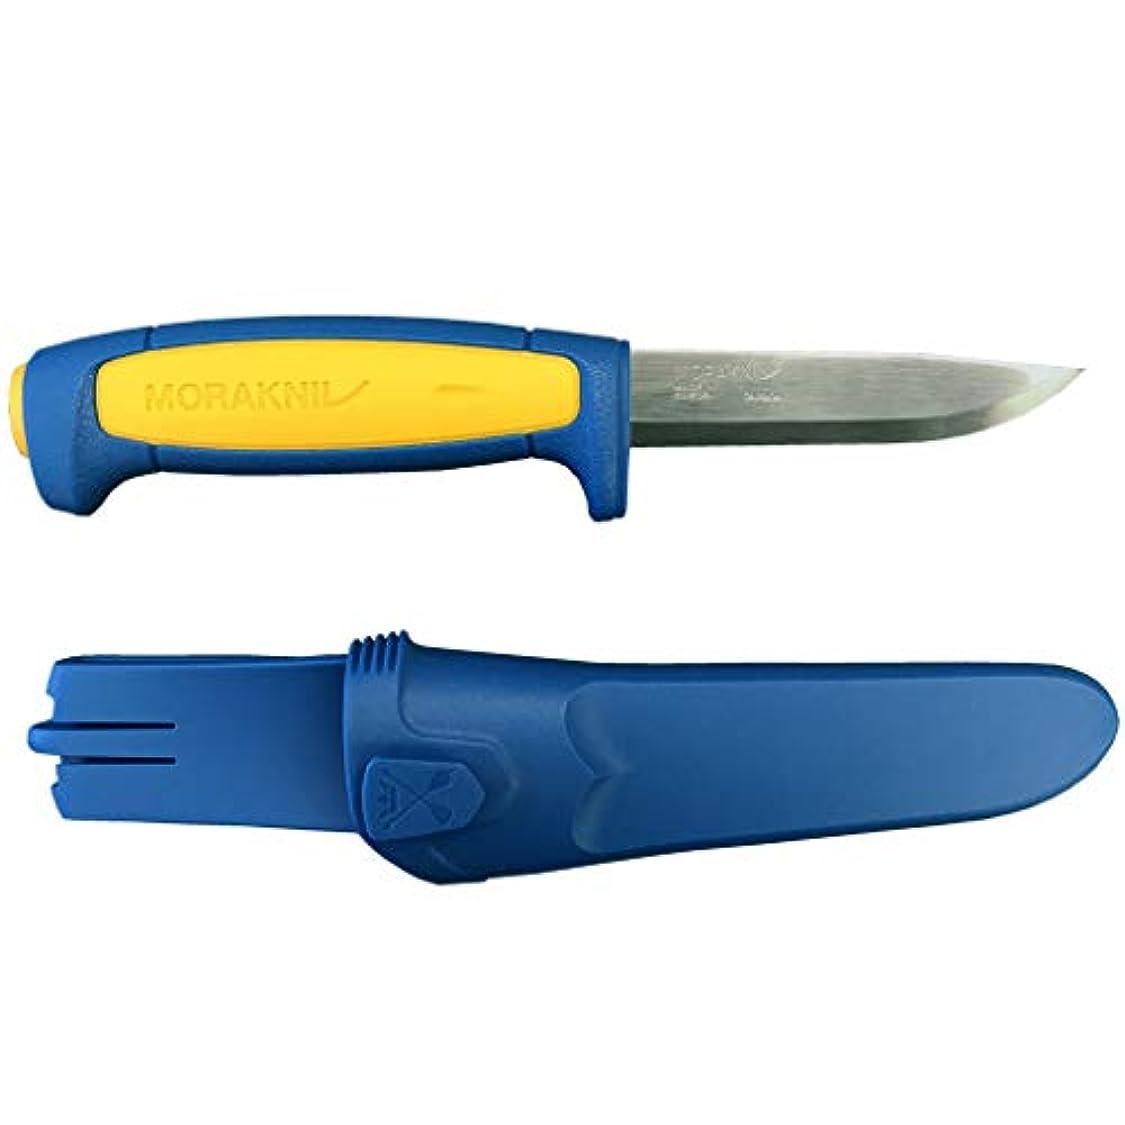 列車微弱駐地モーラ?ナイフ Moraknife BASIC 511 Blue/Yellow